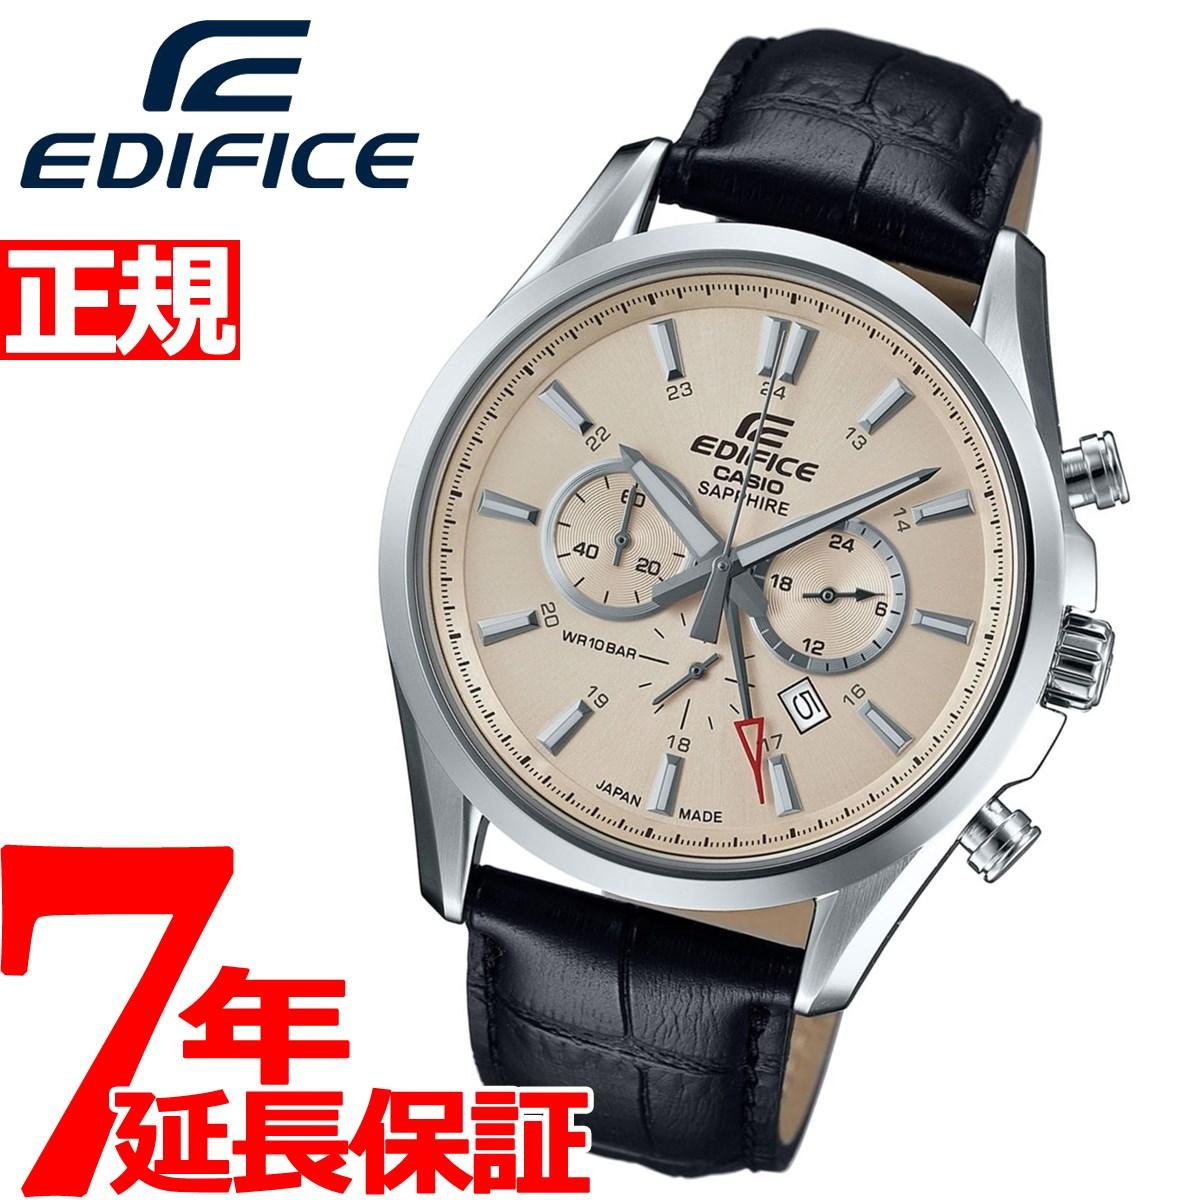 カシオ エディフィス CASIO EDIFICE 限定モデル 腕時計 メンズ アナログ クロノグラフ EFB-504JL-7AJF